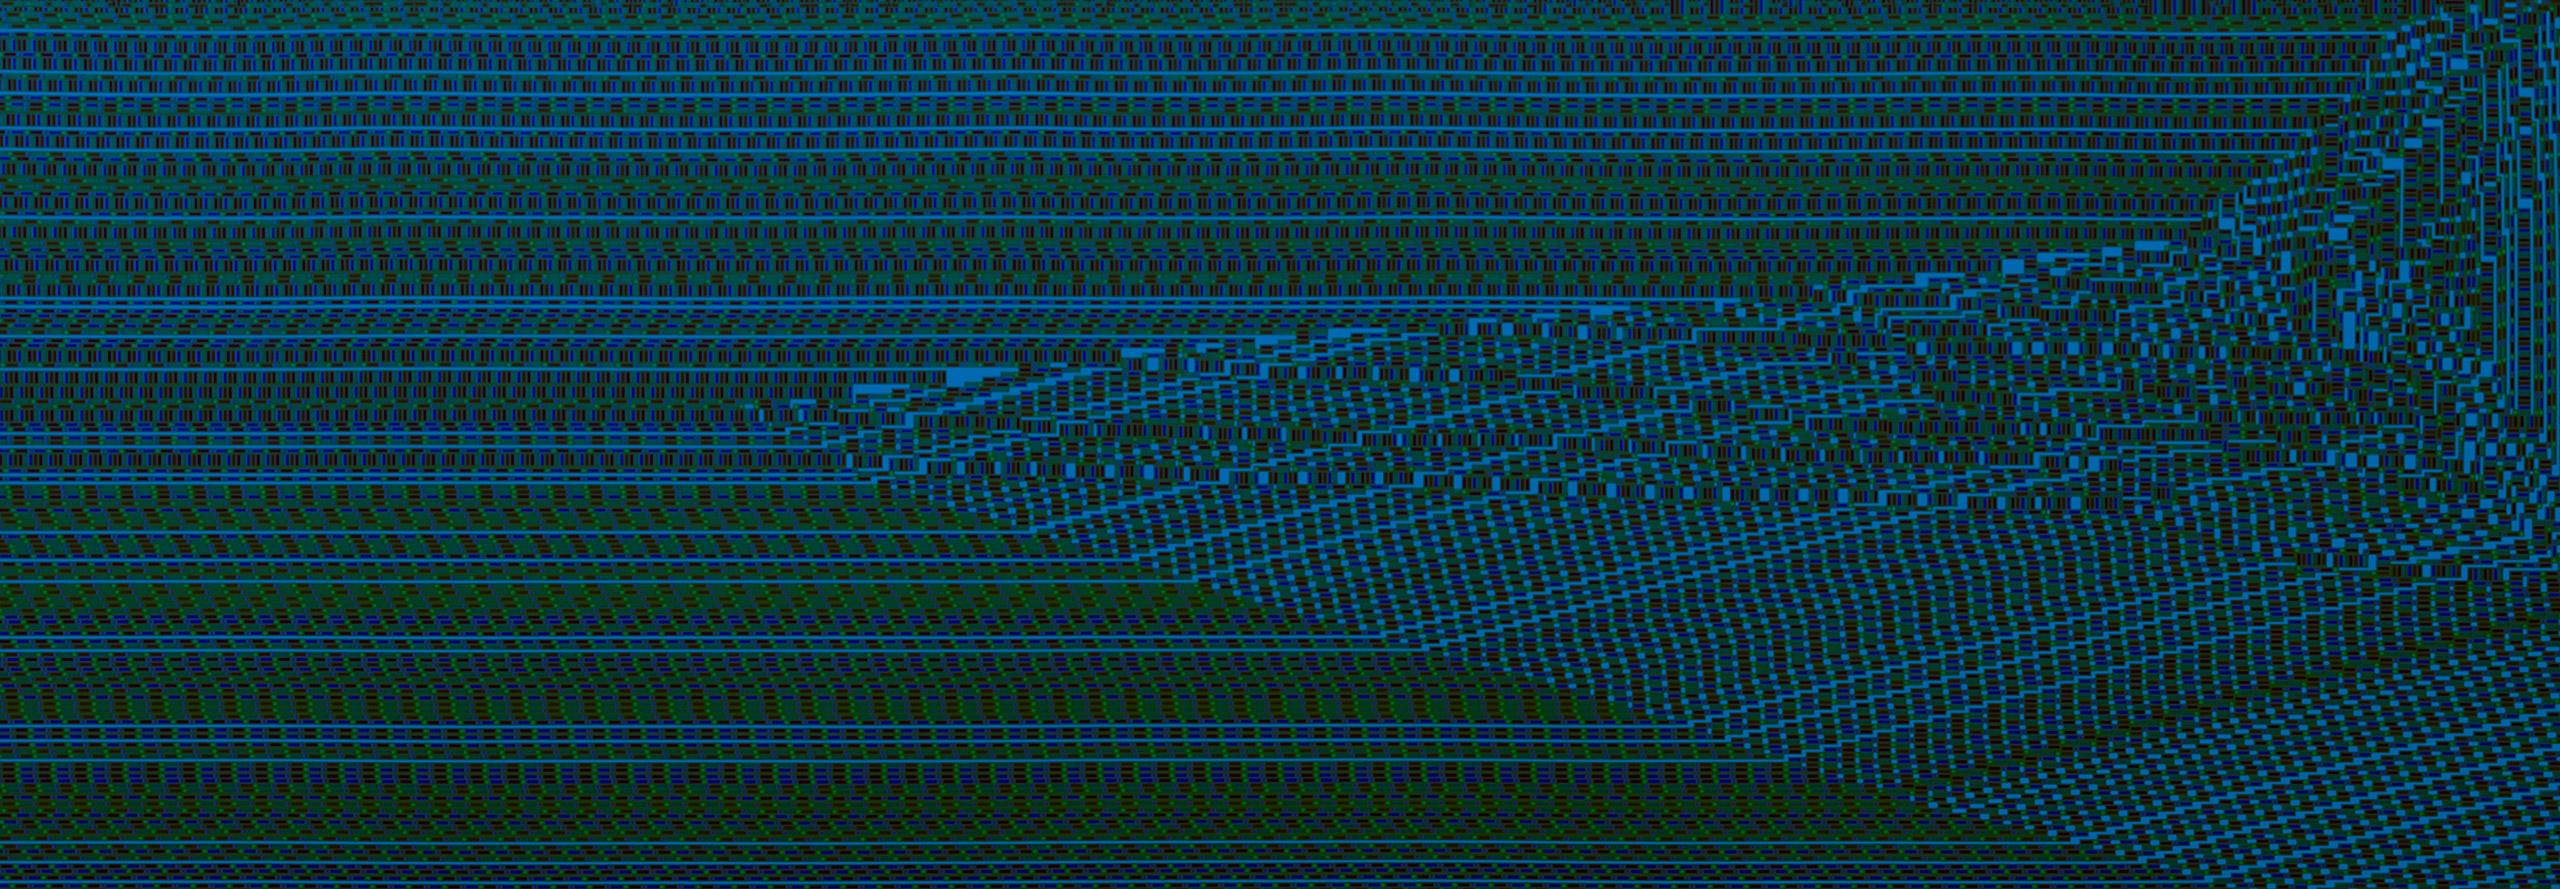 Manual Computation – Algorithmic tendencies in the art of Péter Türk